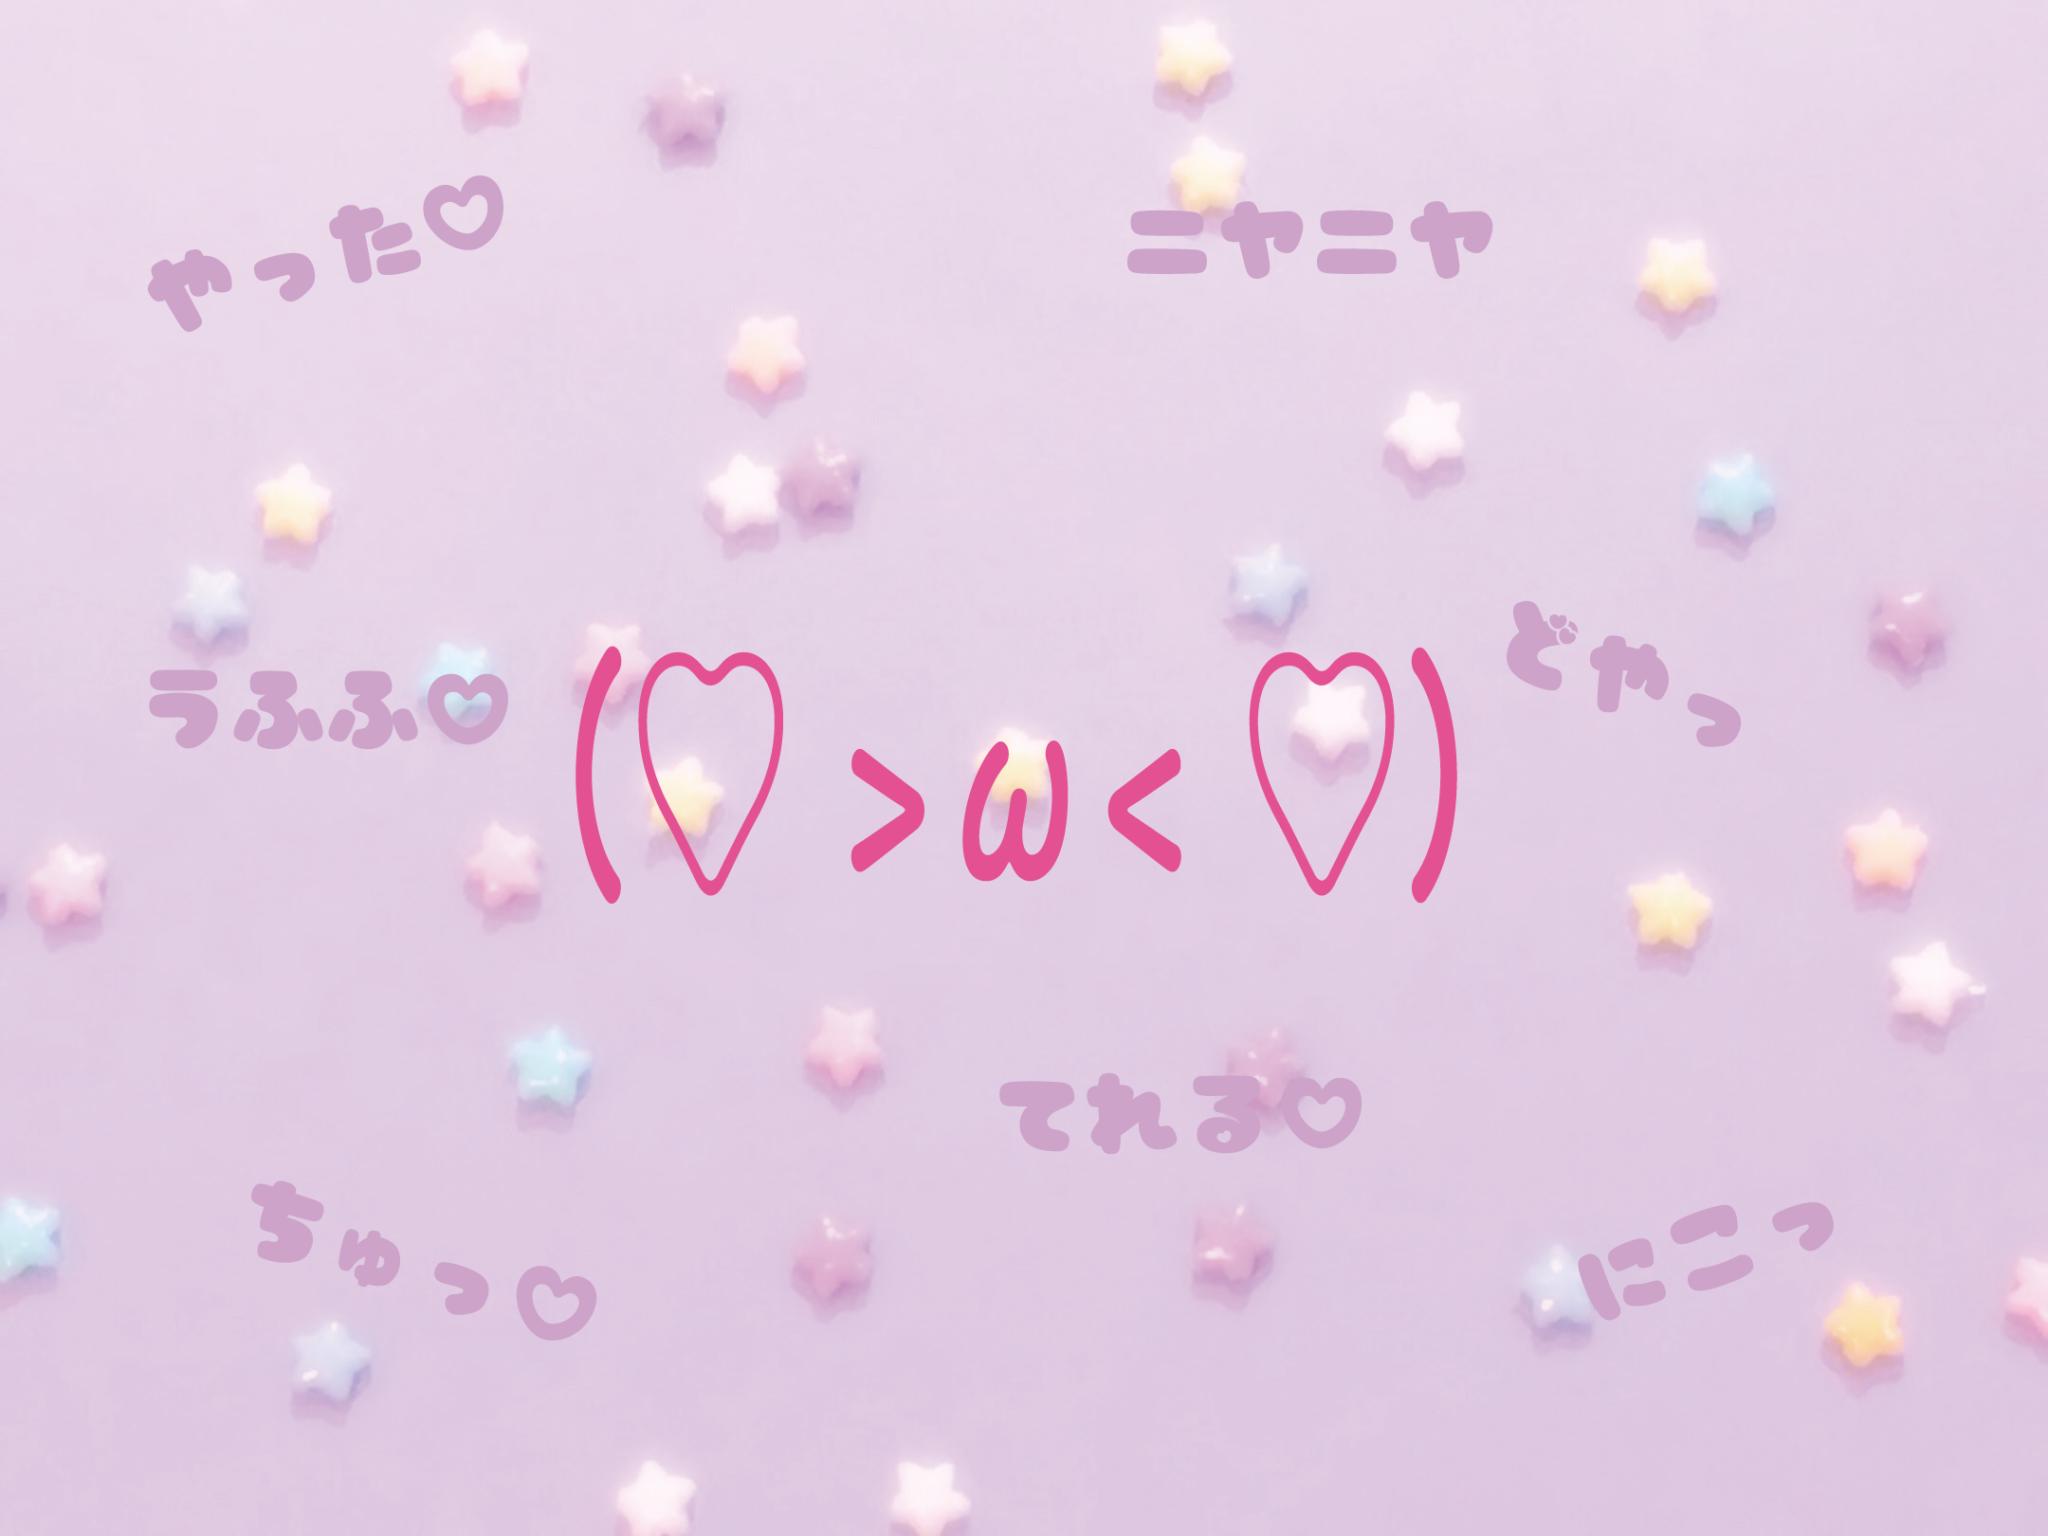 かわいい顔文字まとめ~嬉しい編~٩(๑>◡<๑)۶♡